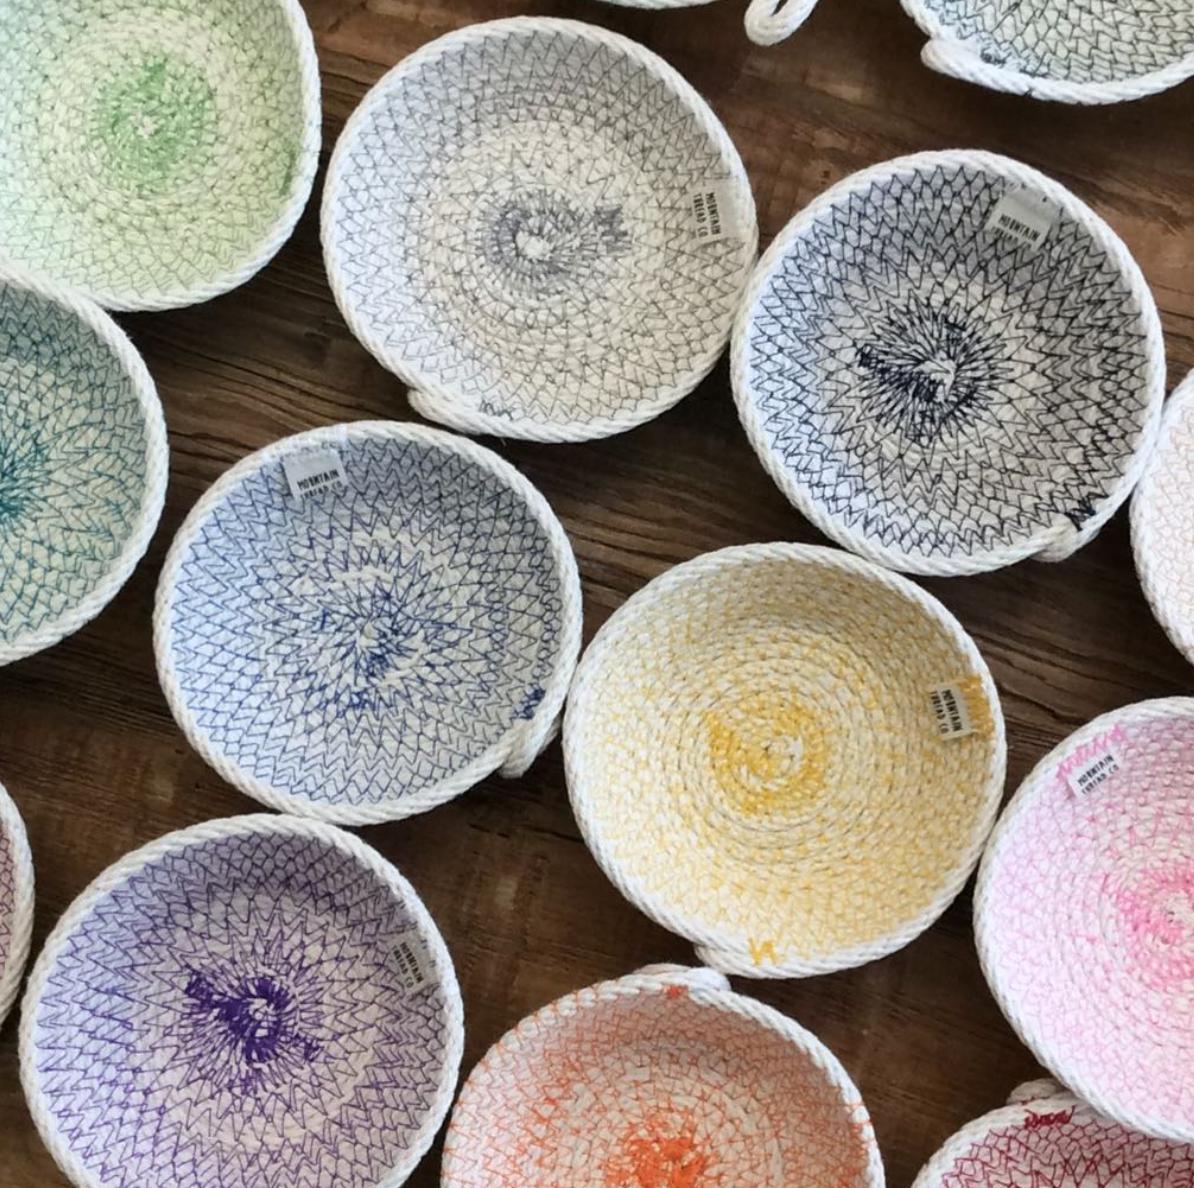 Tiny Trinket Bowls